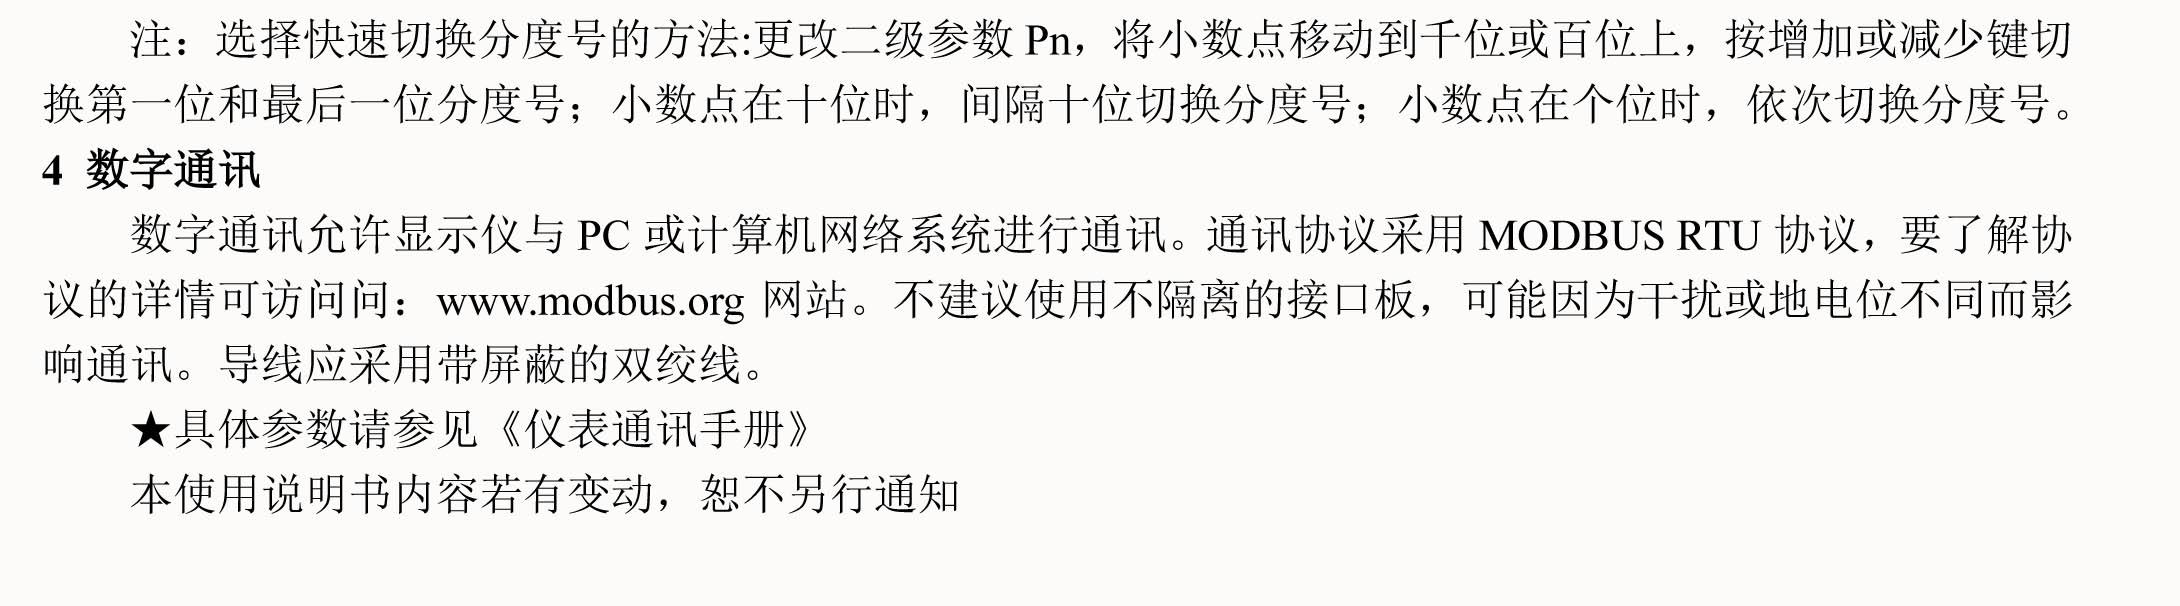 1300系列傻瓜式模糊PID调节器(中性140408)改-6.jpg